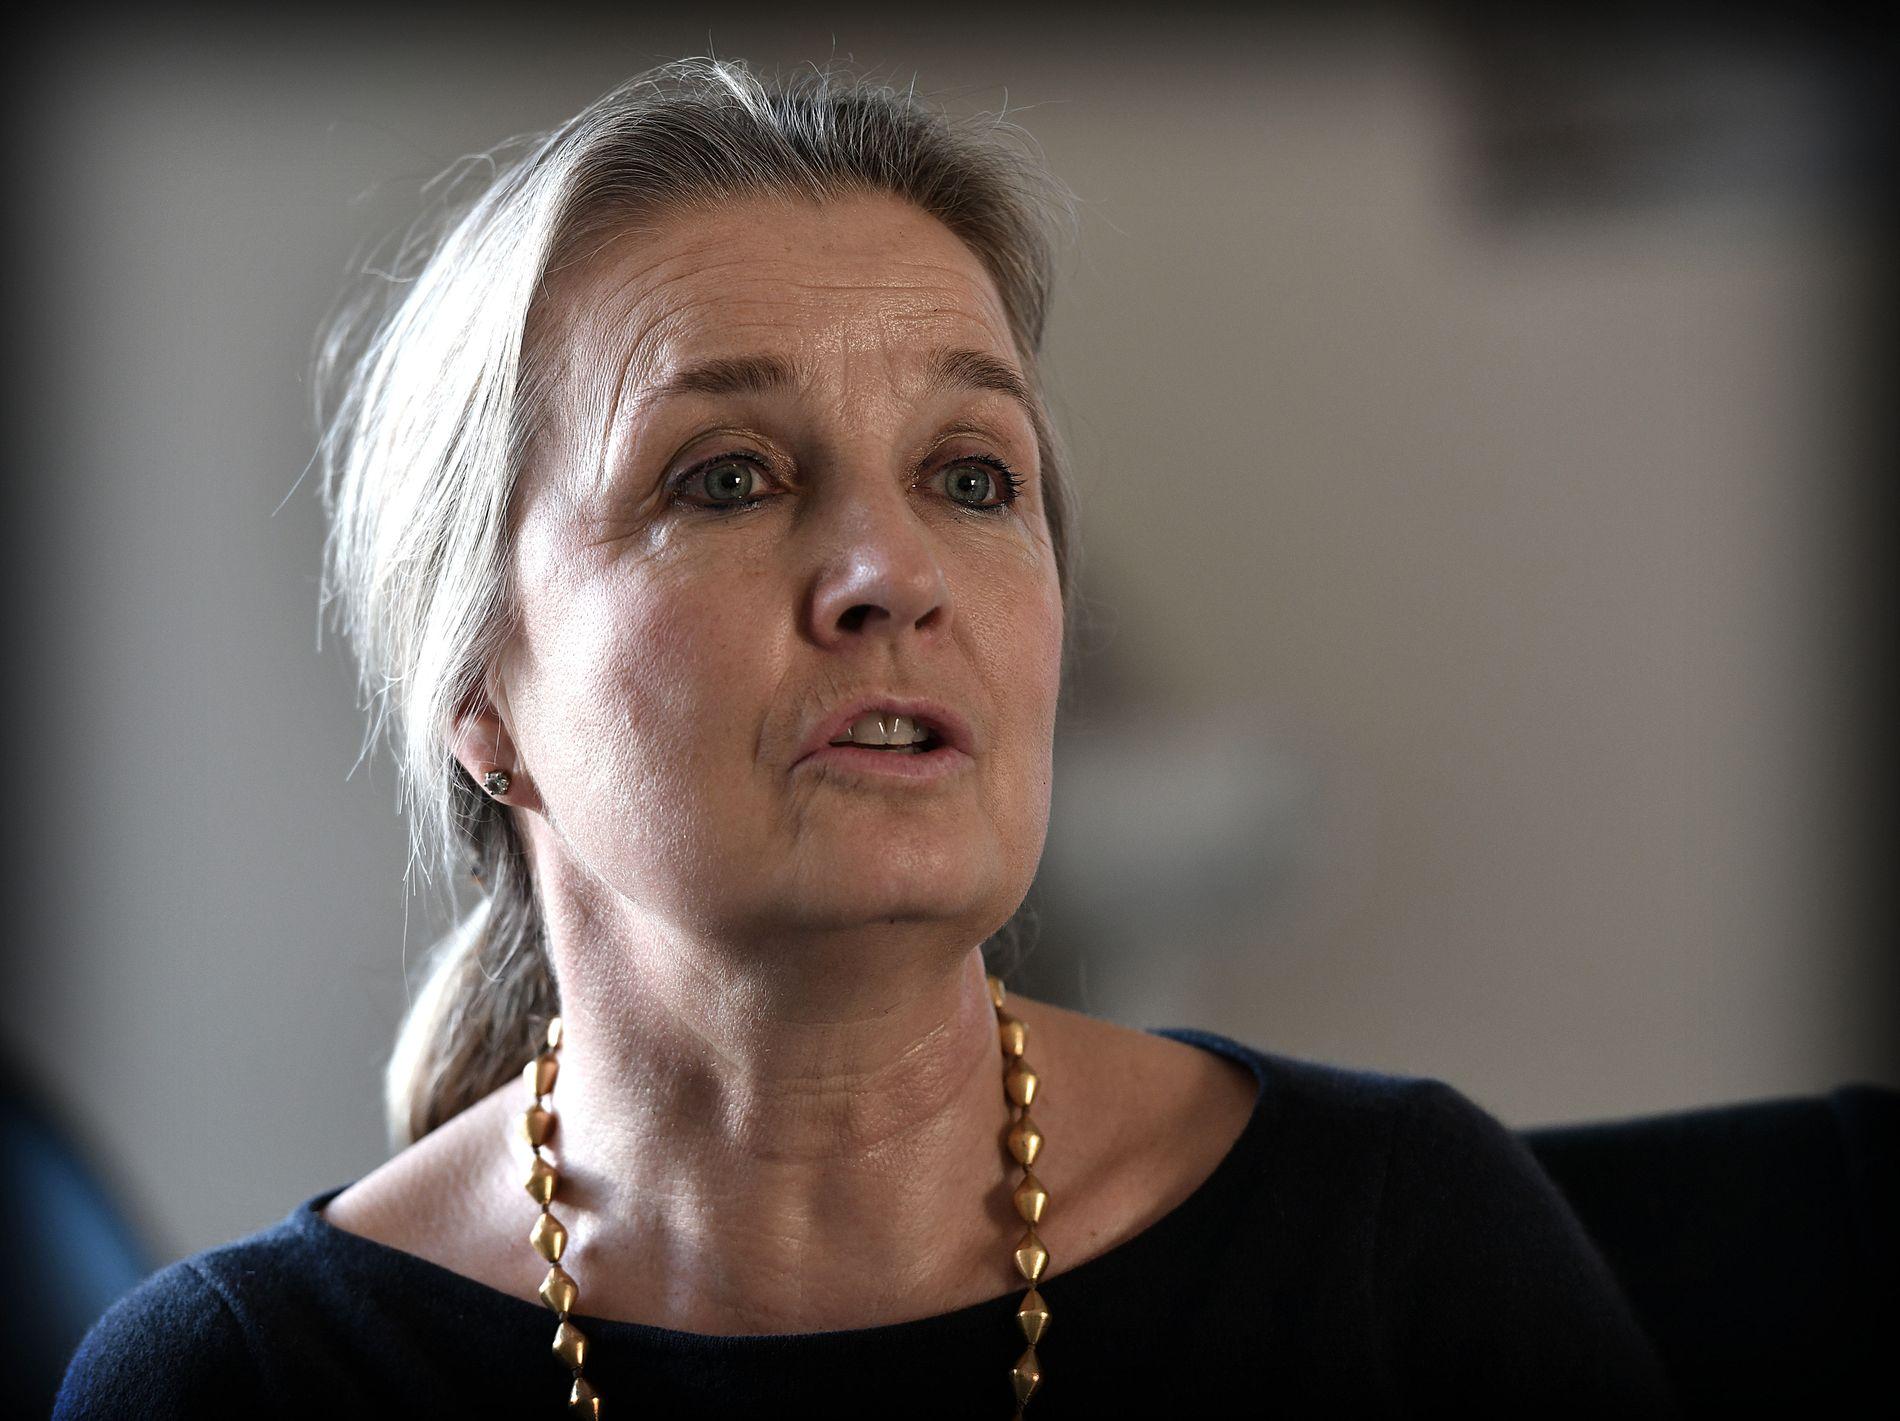 KRIGSARBEIDER: Jordmoren Elizabeth Hoff fra Ålesund har en lang merittliste som hjelpearbeider i konfliktsoner.